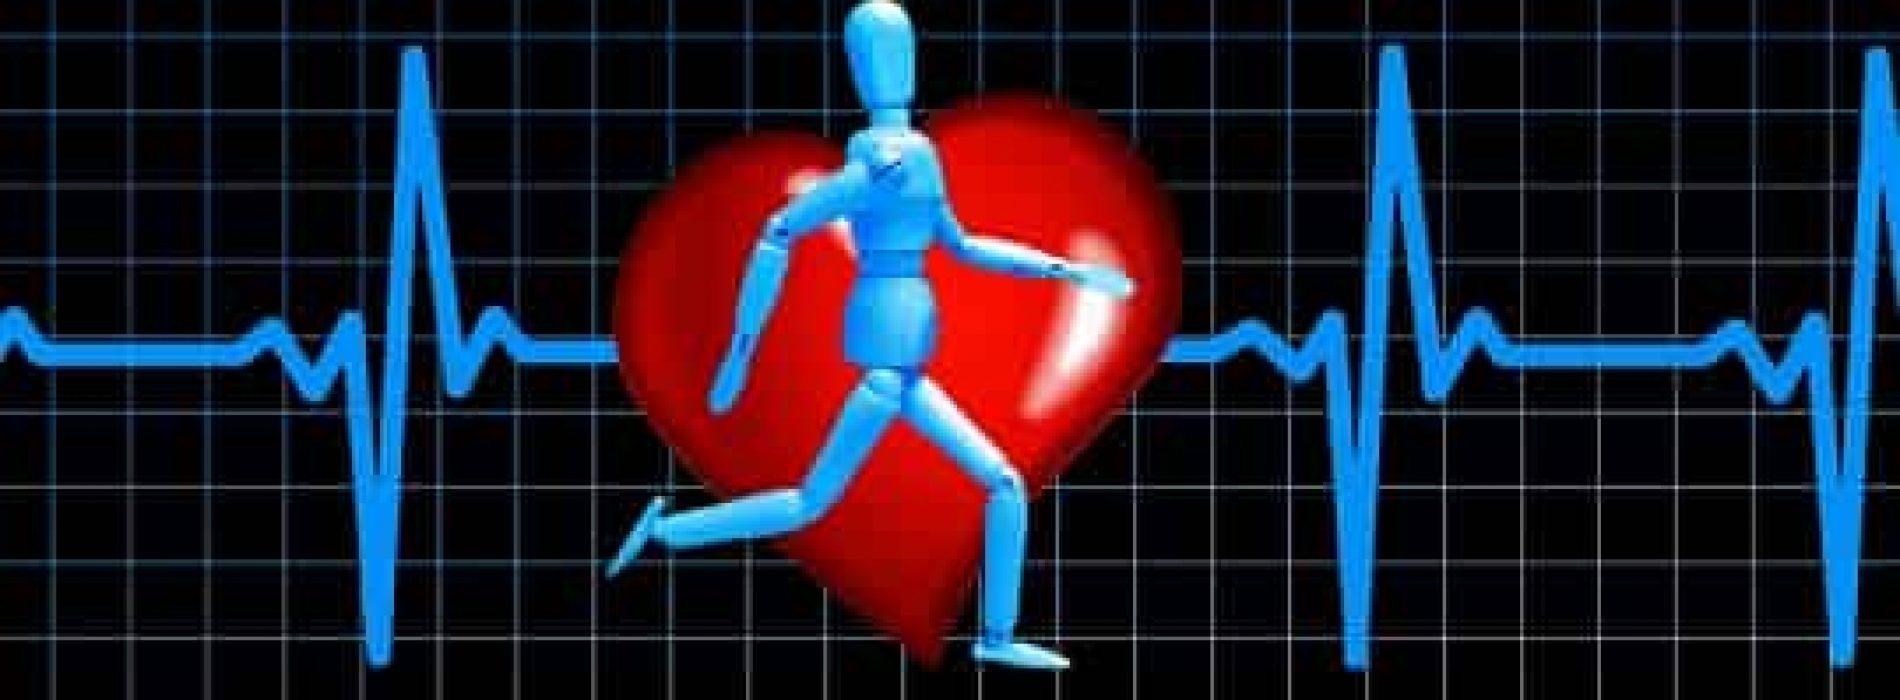 Høy hvilepuls øker risikoen for hjerteinfarkt